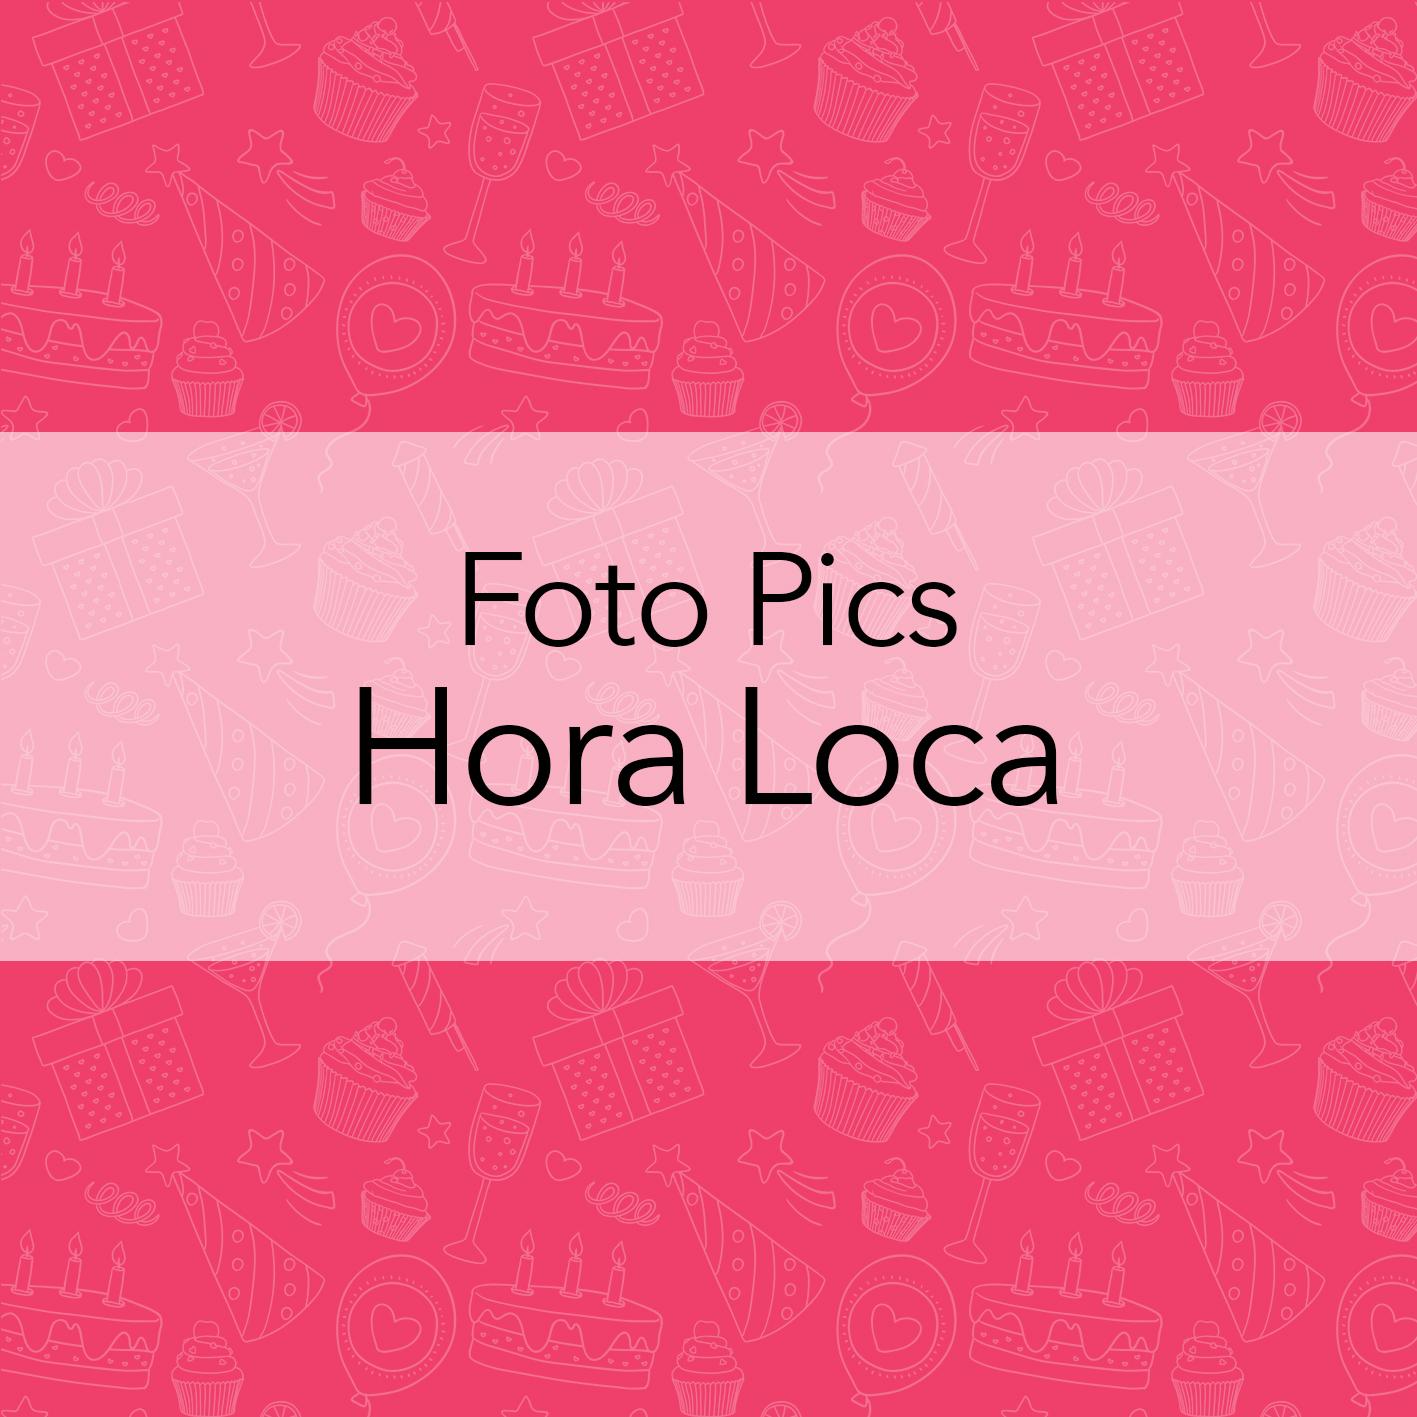 FOTO PICS HORA LOCA